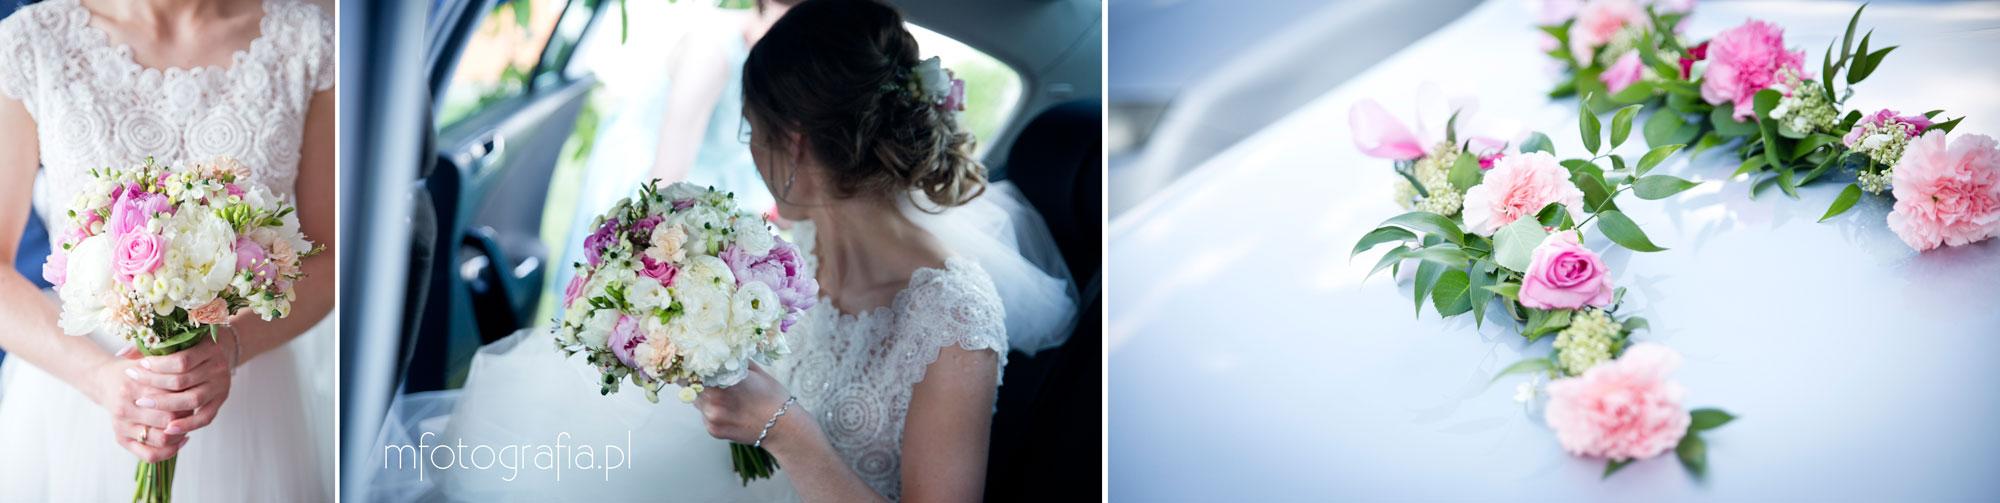 kwiaciarnia - wiaznka ślubna - harmonogram ślubny